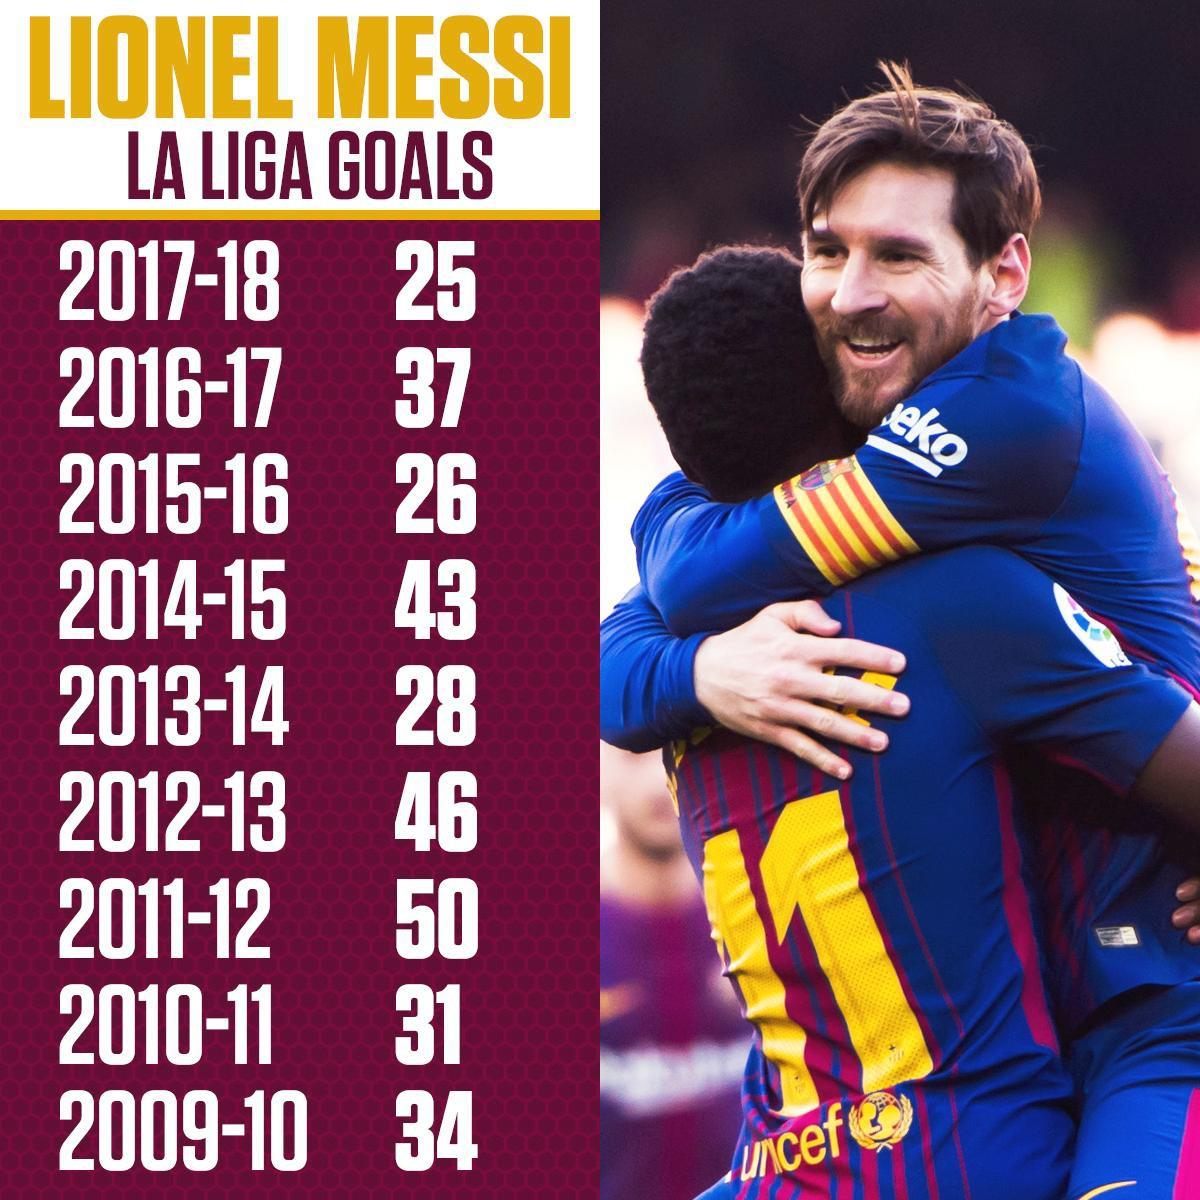 Hình ảnh: Messi có mùa giải thứ 9 liên tiếp ghi được 25 bàn thắng ở La Liga